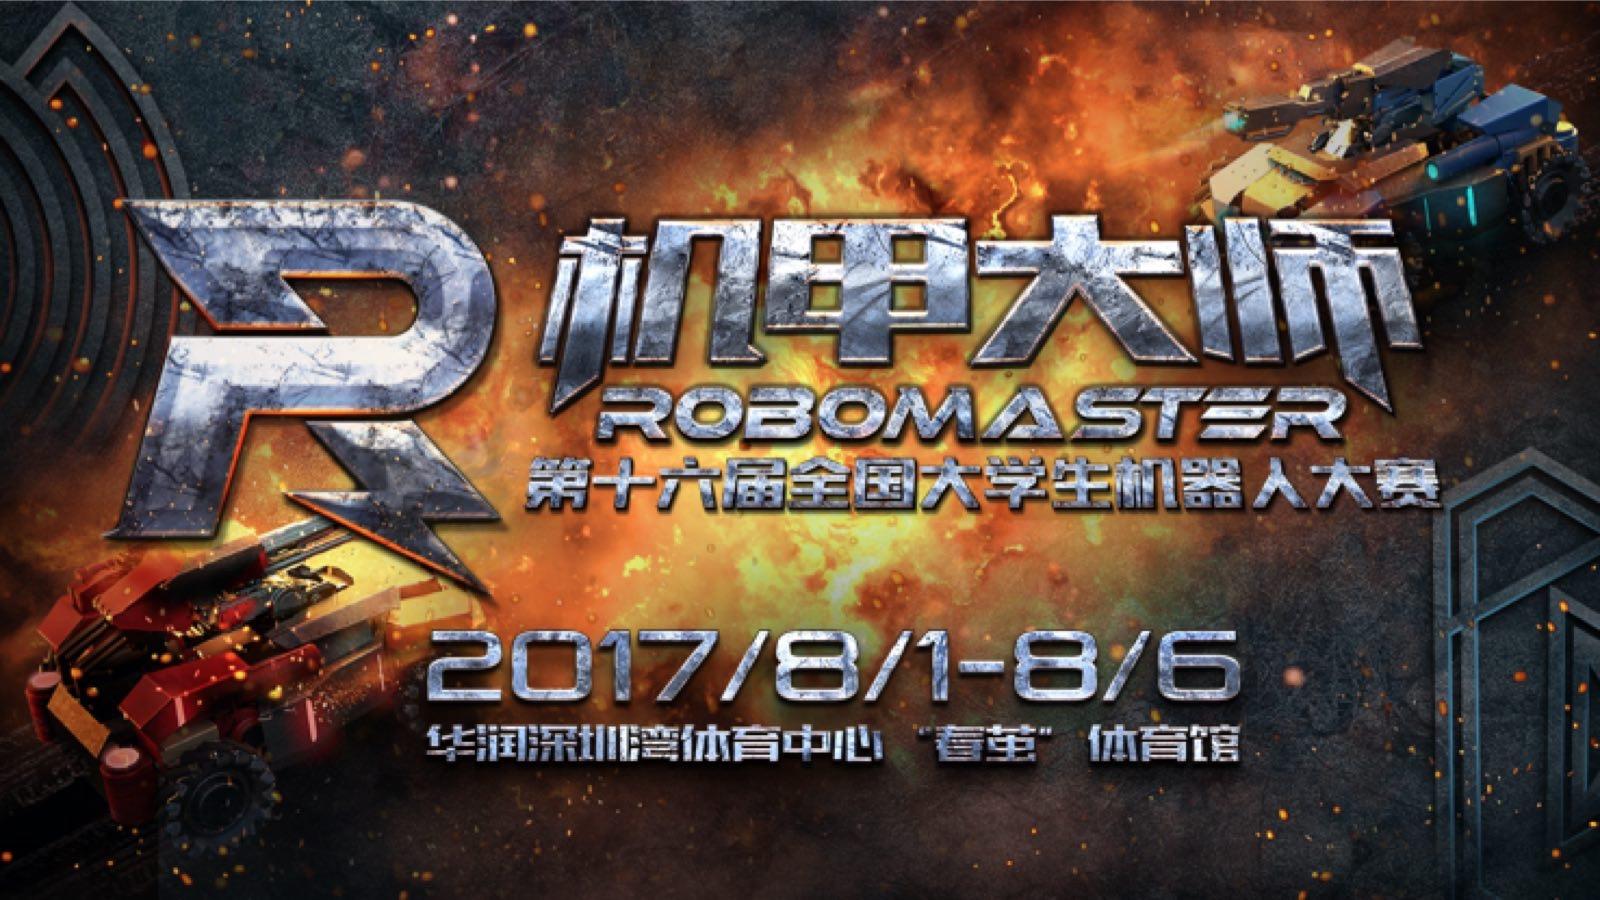 【机器人比赛】RoboMaster机甲大师